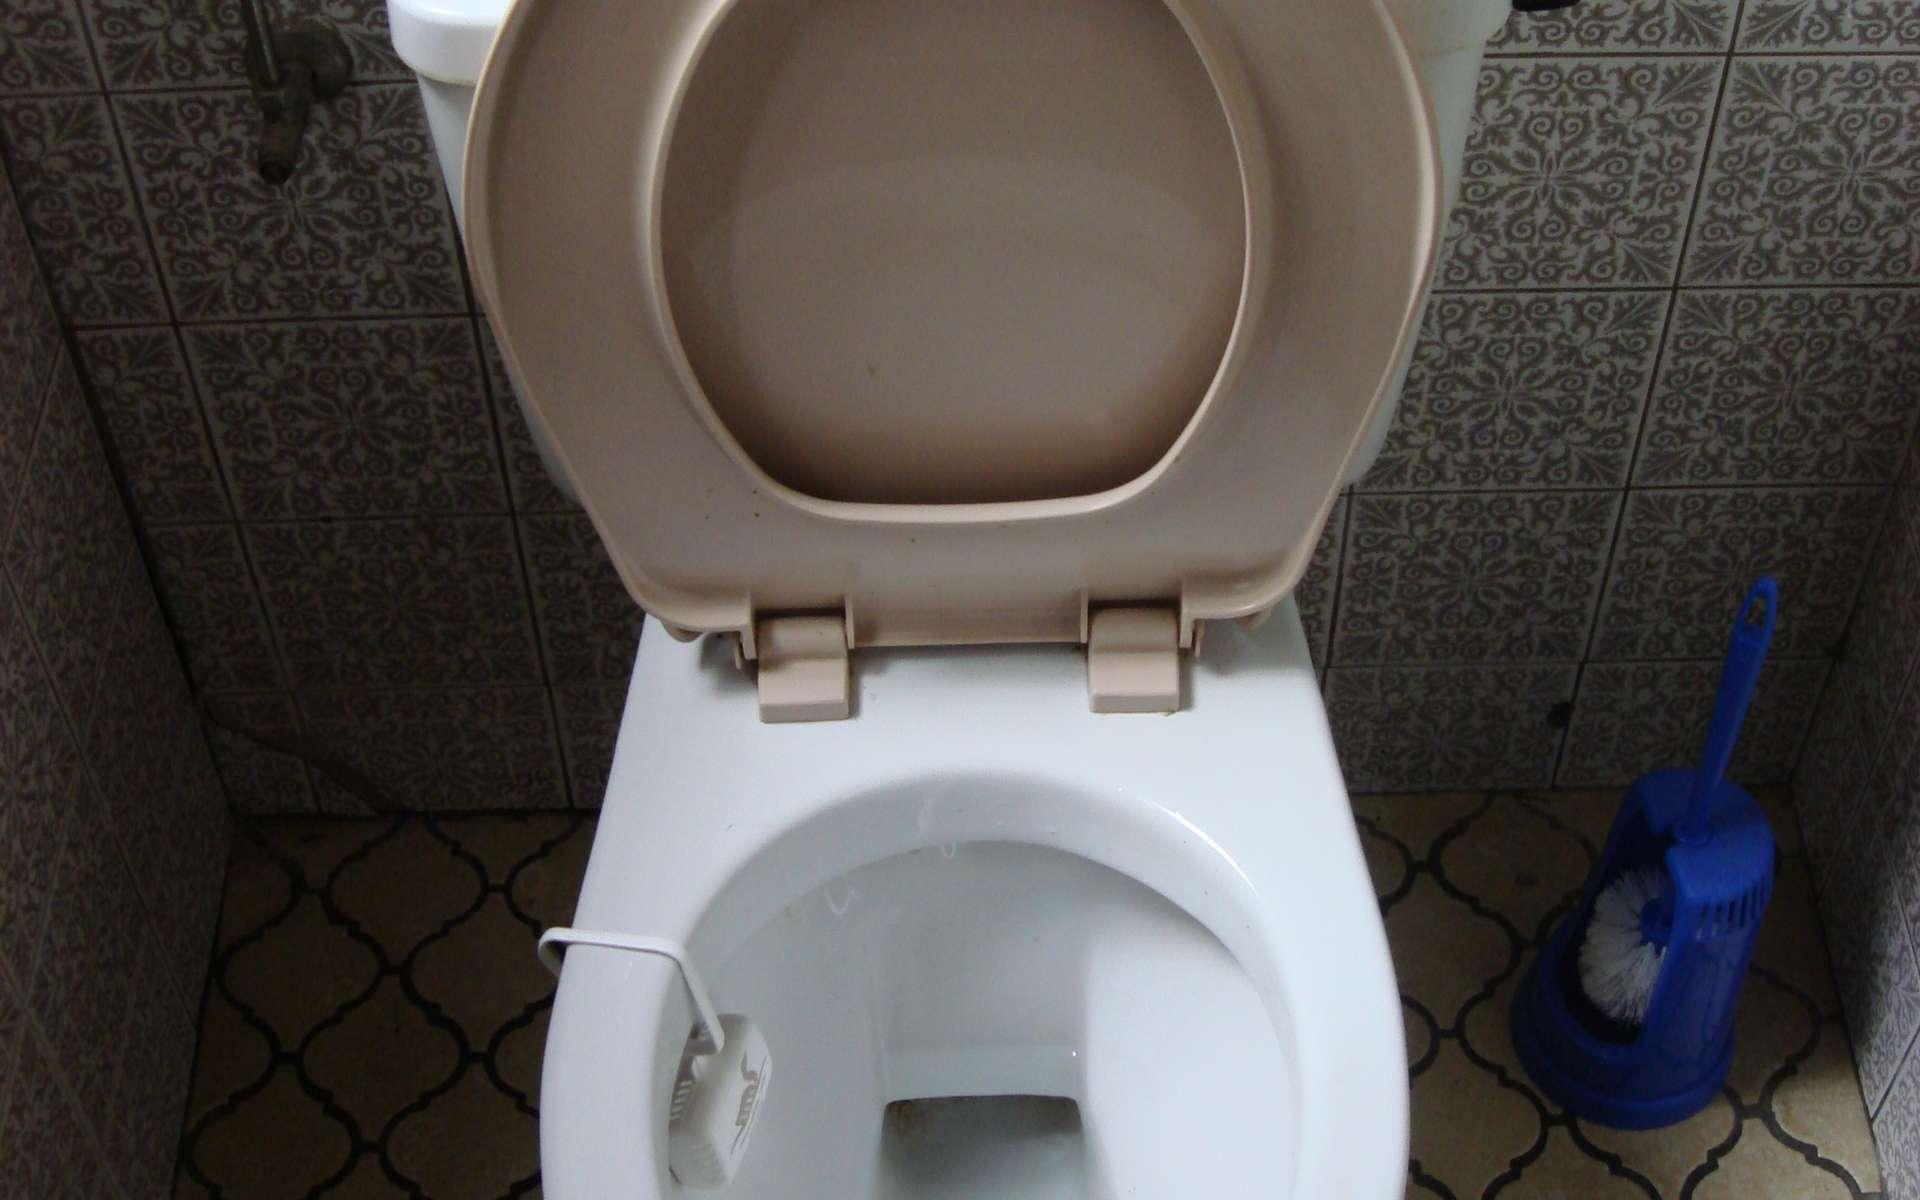 Les WC broyeurs peuvent être à broyeur intégré ou à broyeur indépendant. © twicepix, Flickr, cc by sa 2.0